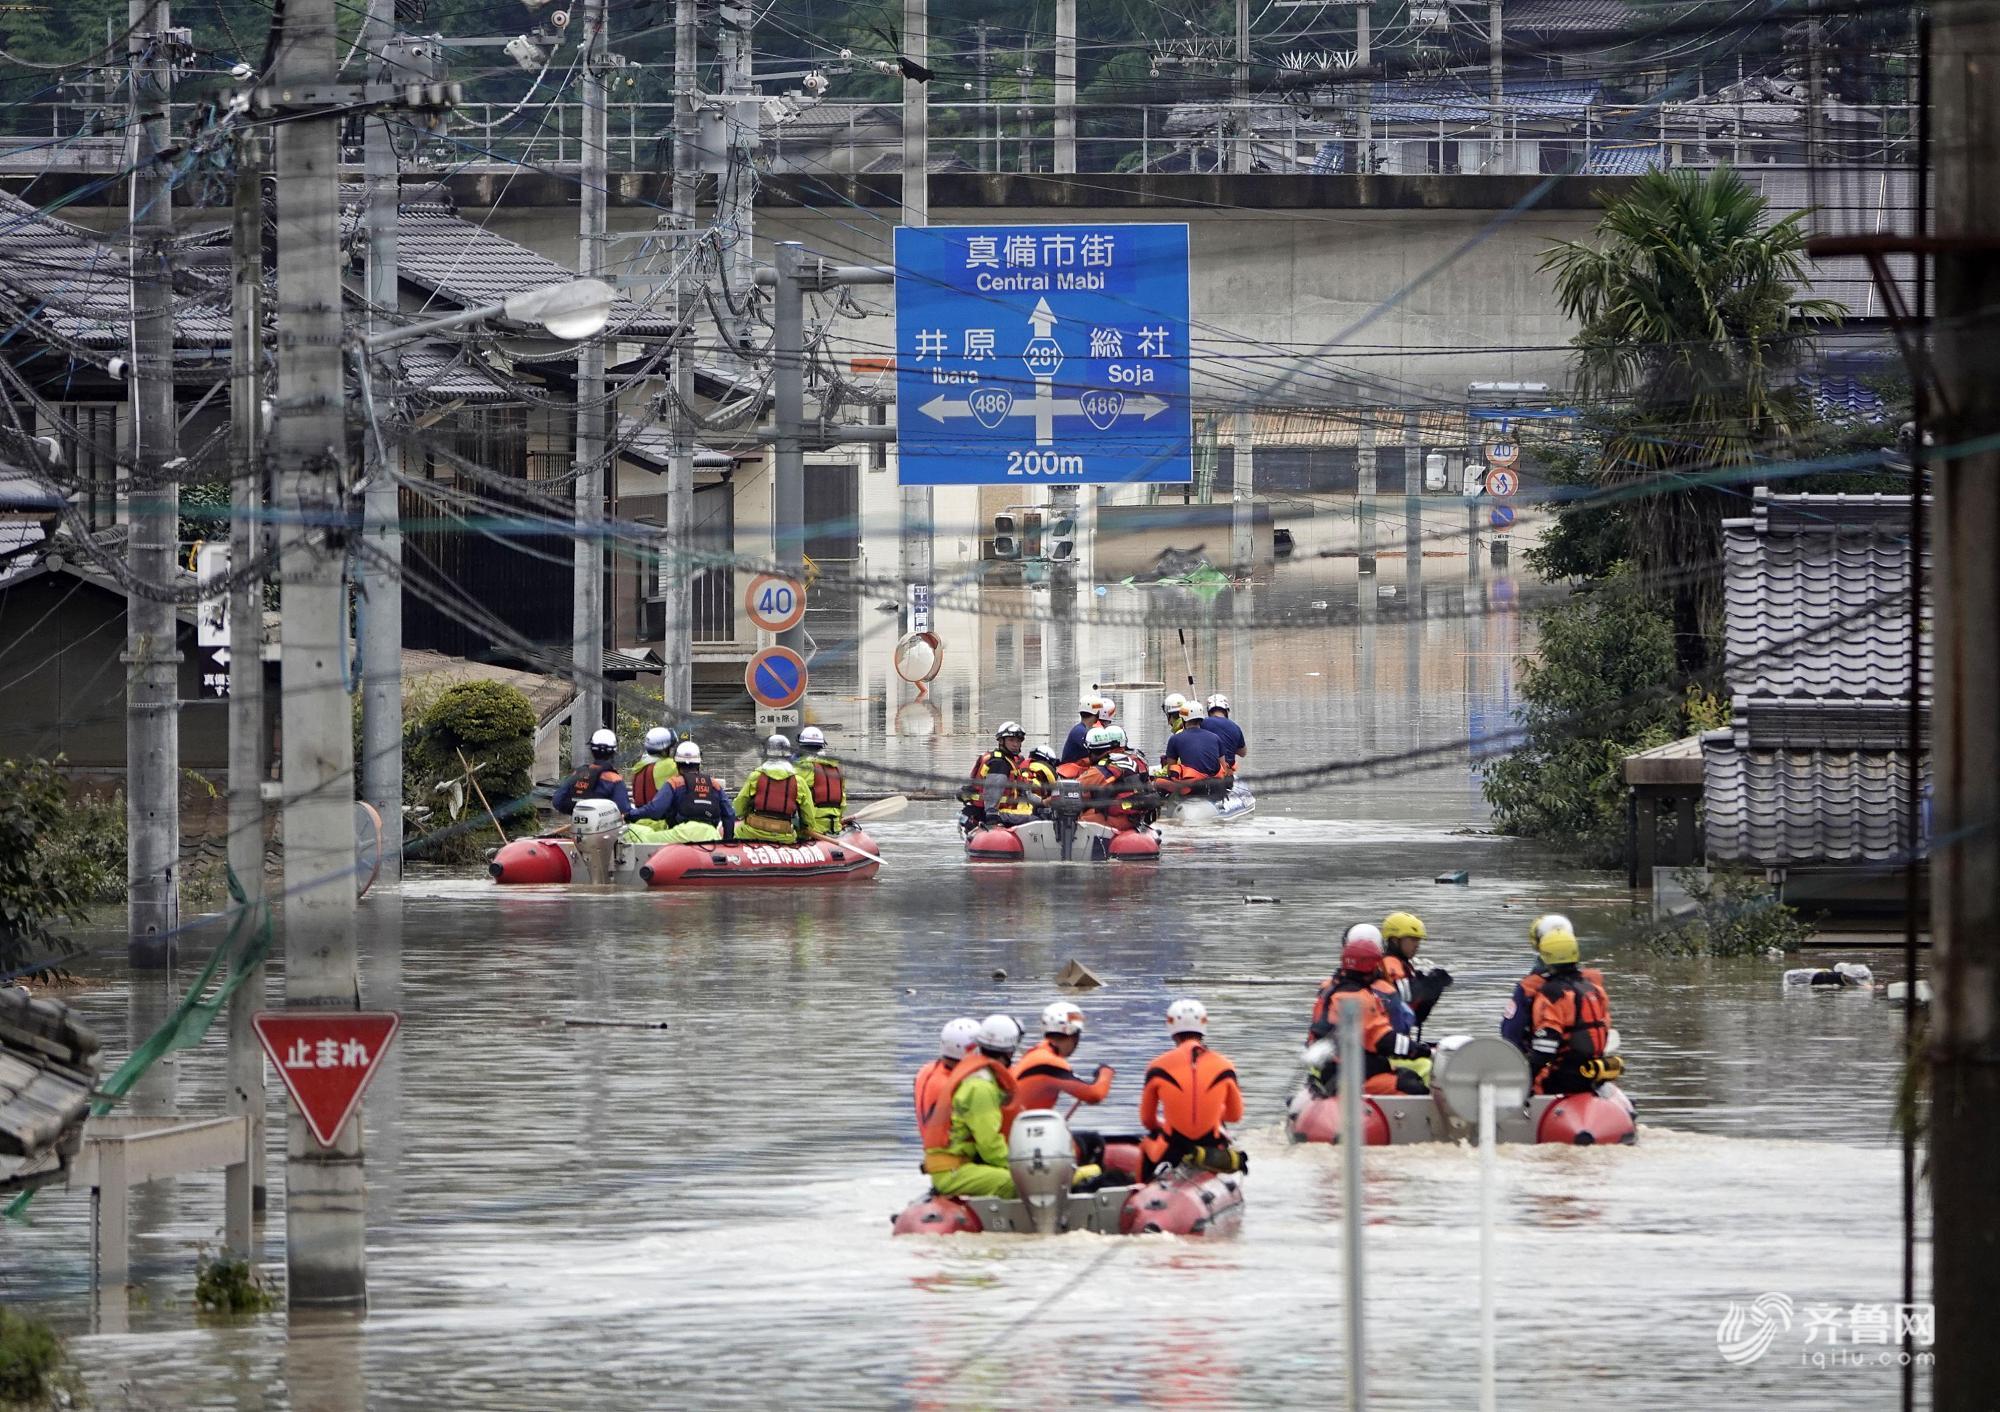 日本罕见暴雨已造成至少85人死亡 1000多人等待救援